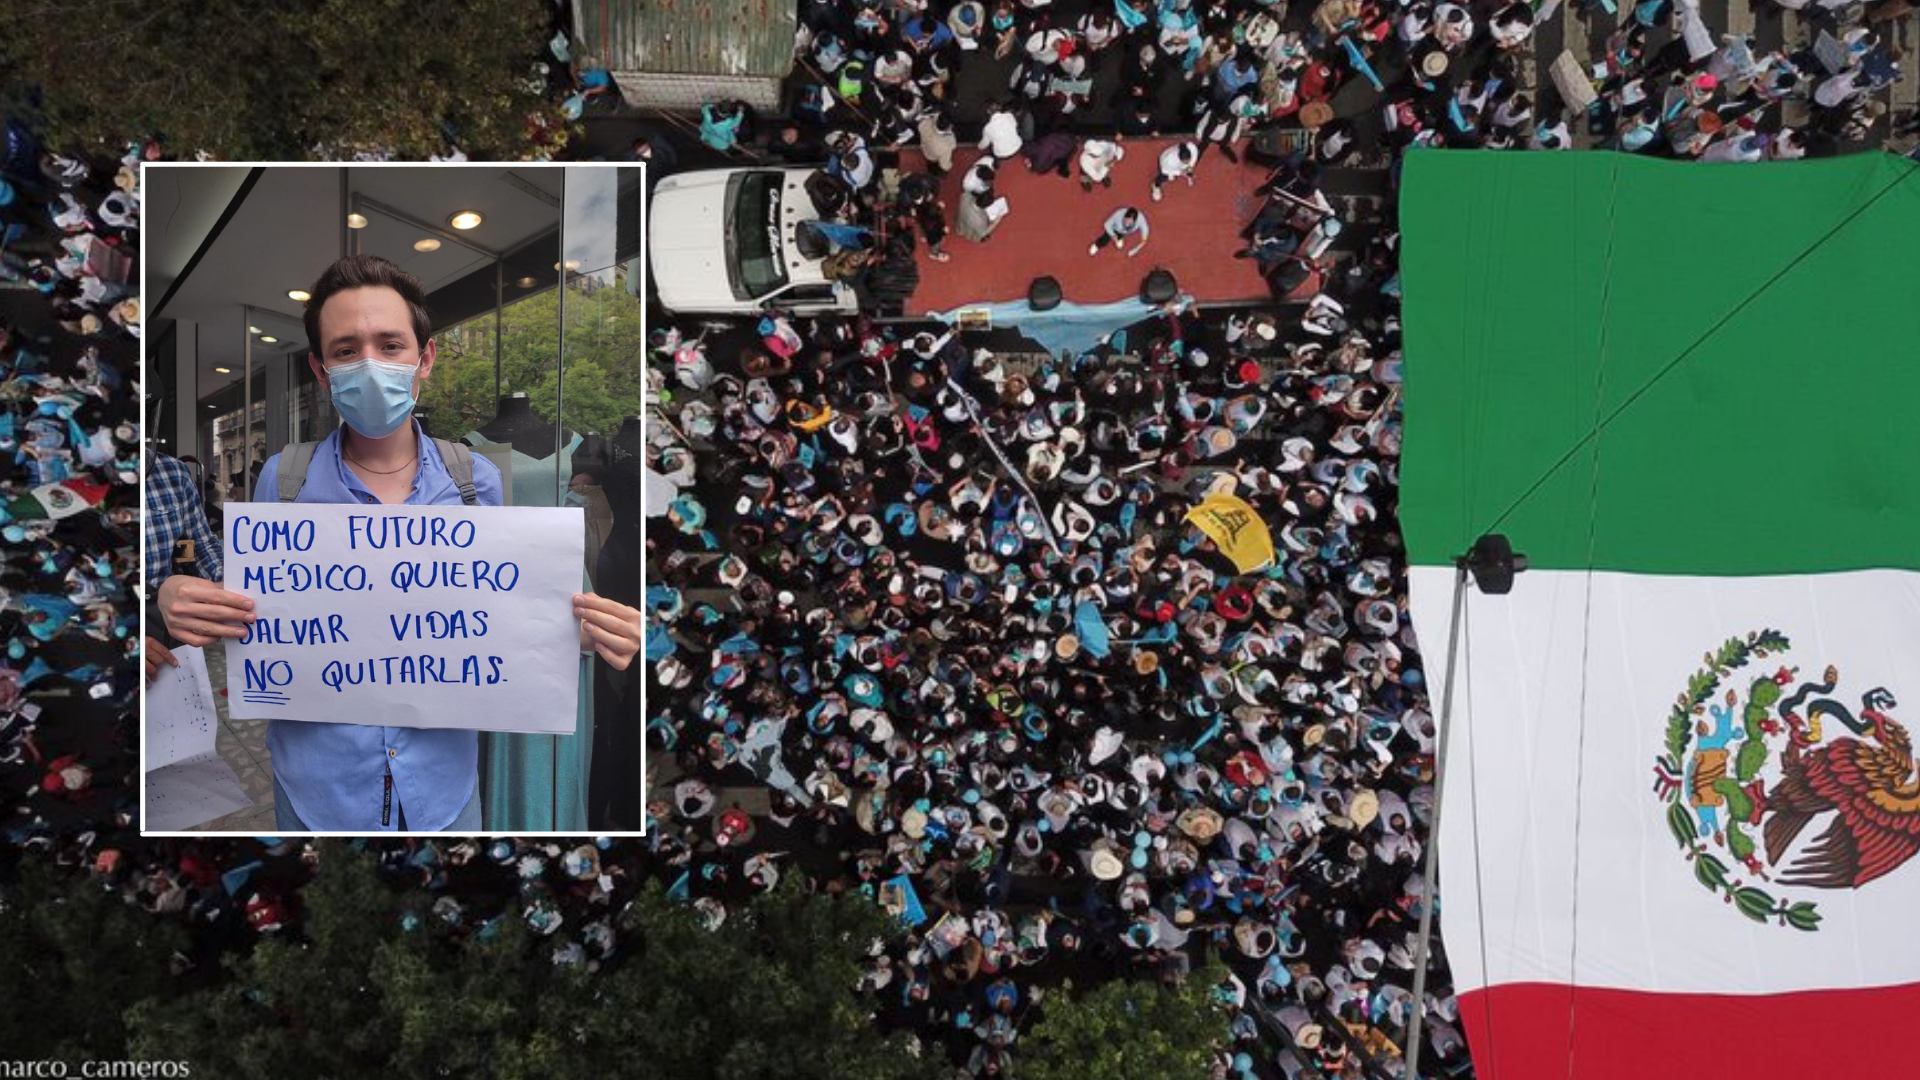 Suprema Corte mexicana reconhece o direito de profissionais de saúde a negar aborto